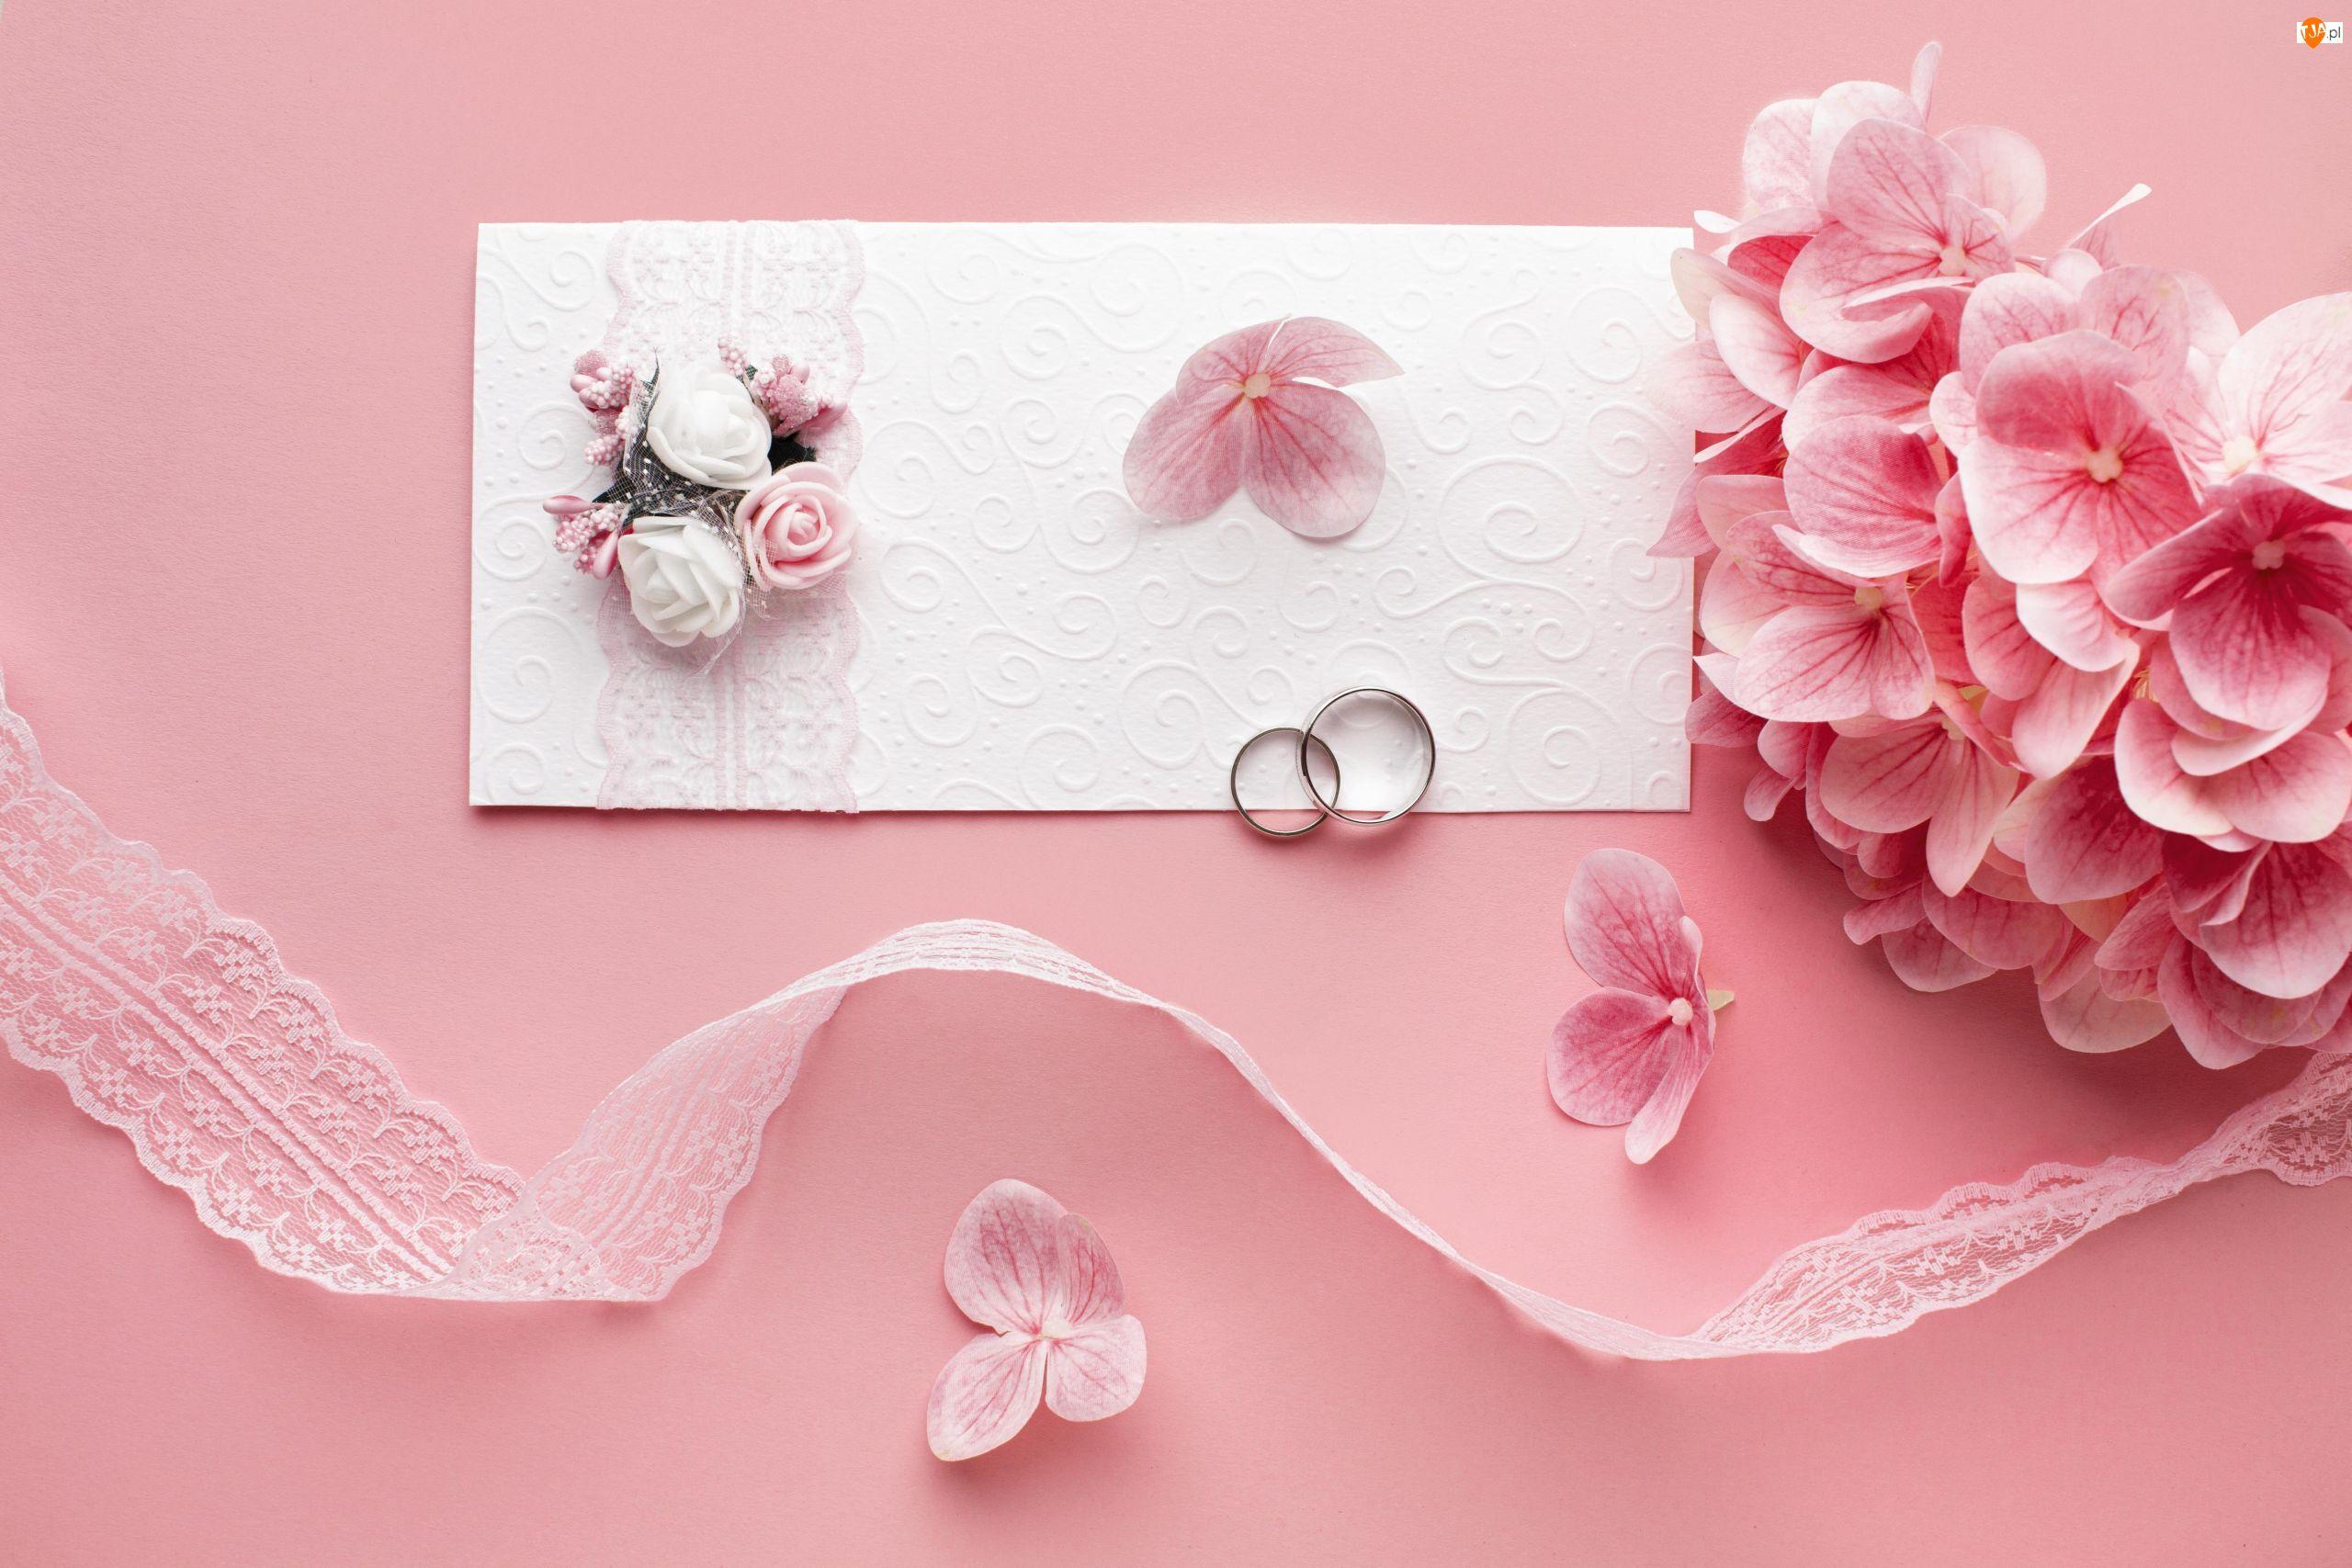 Hortensja, Ślub, Zaproszenie, Obrączki